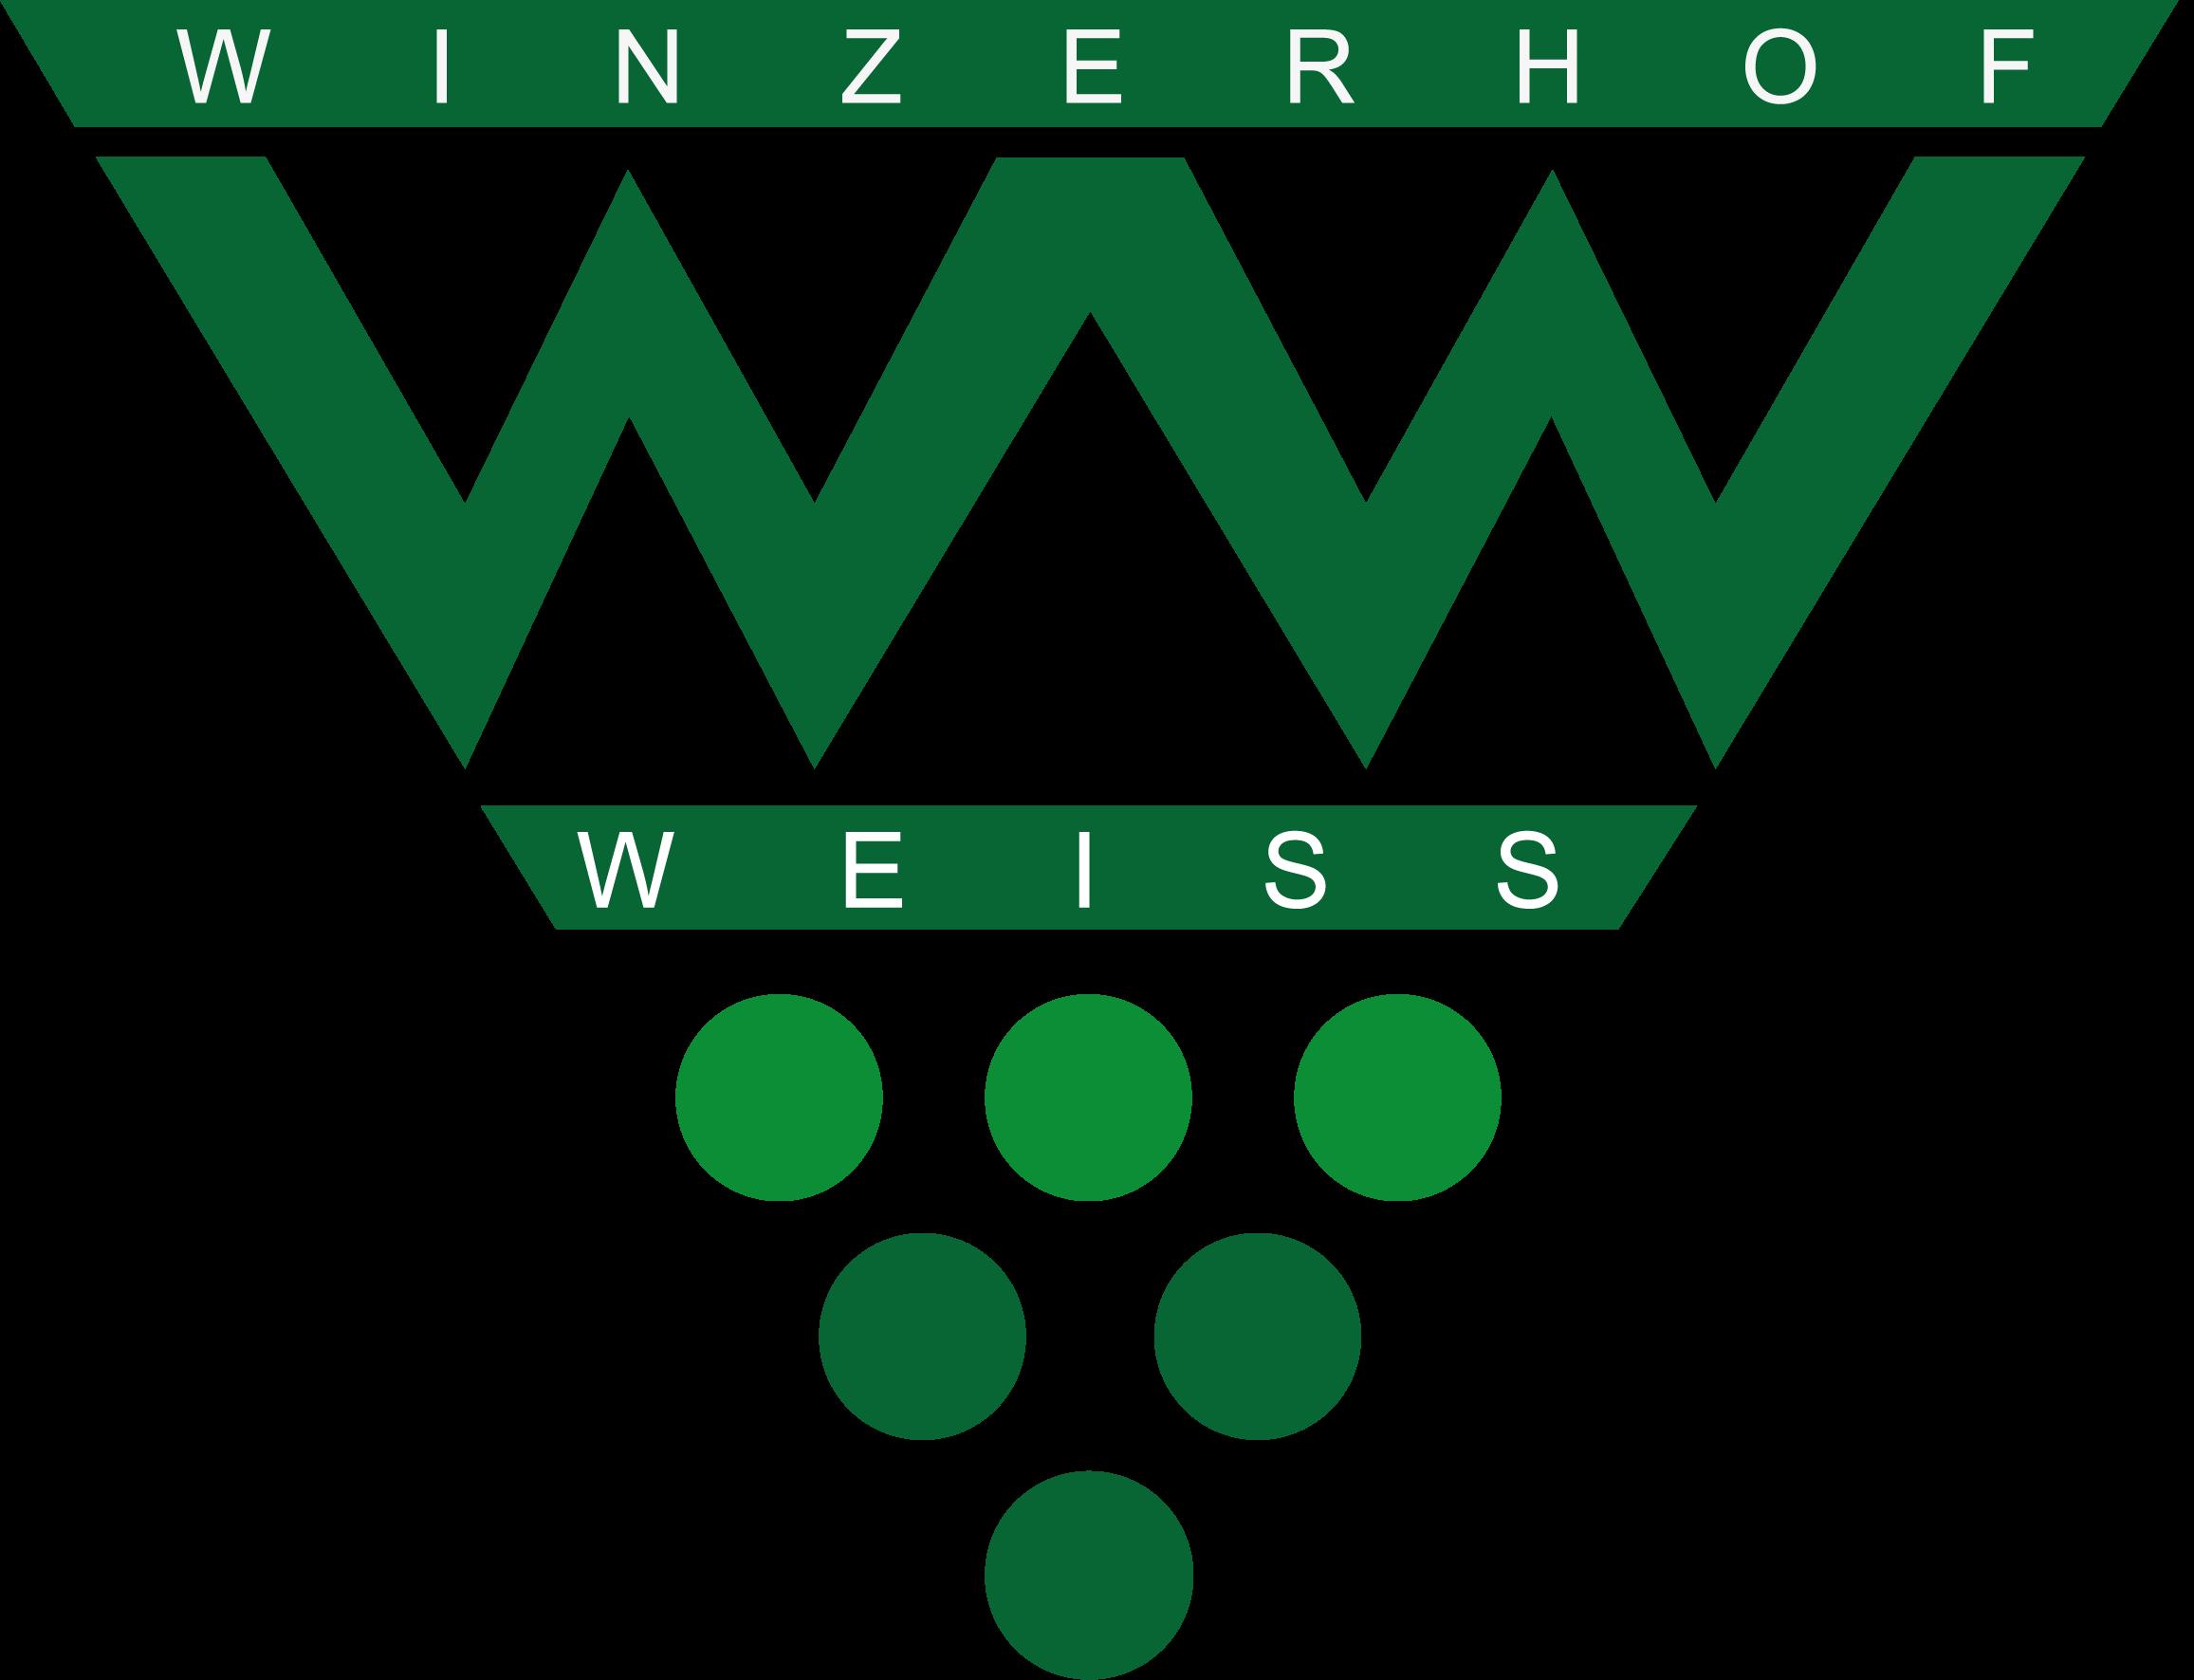 Winzerhof Weiß